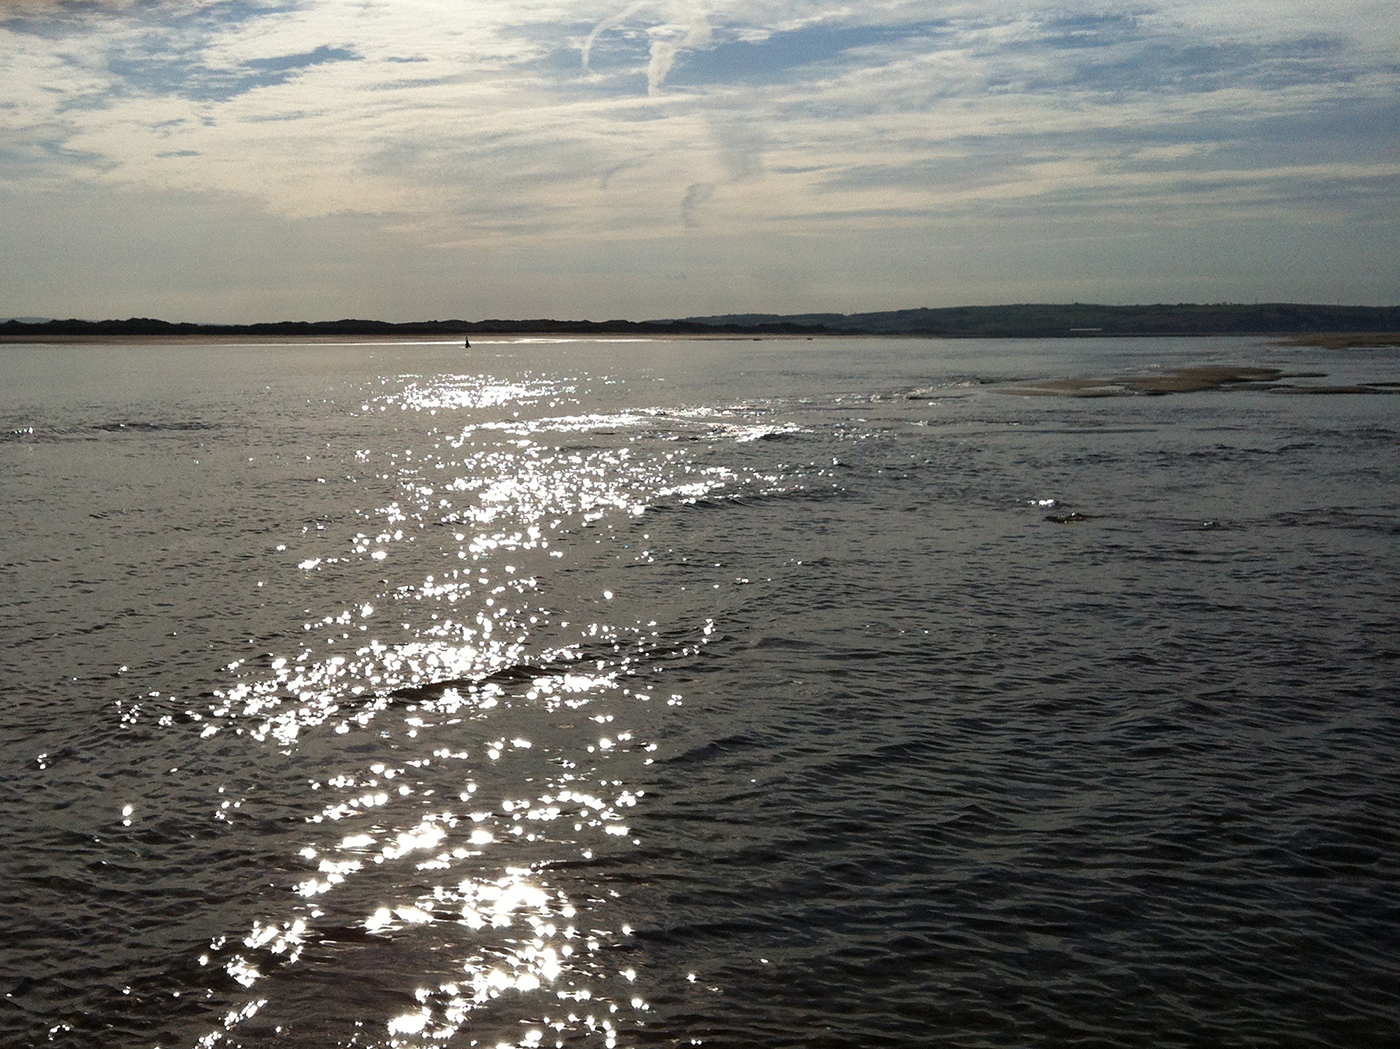 Buoy in ripples